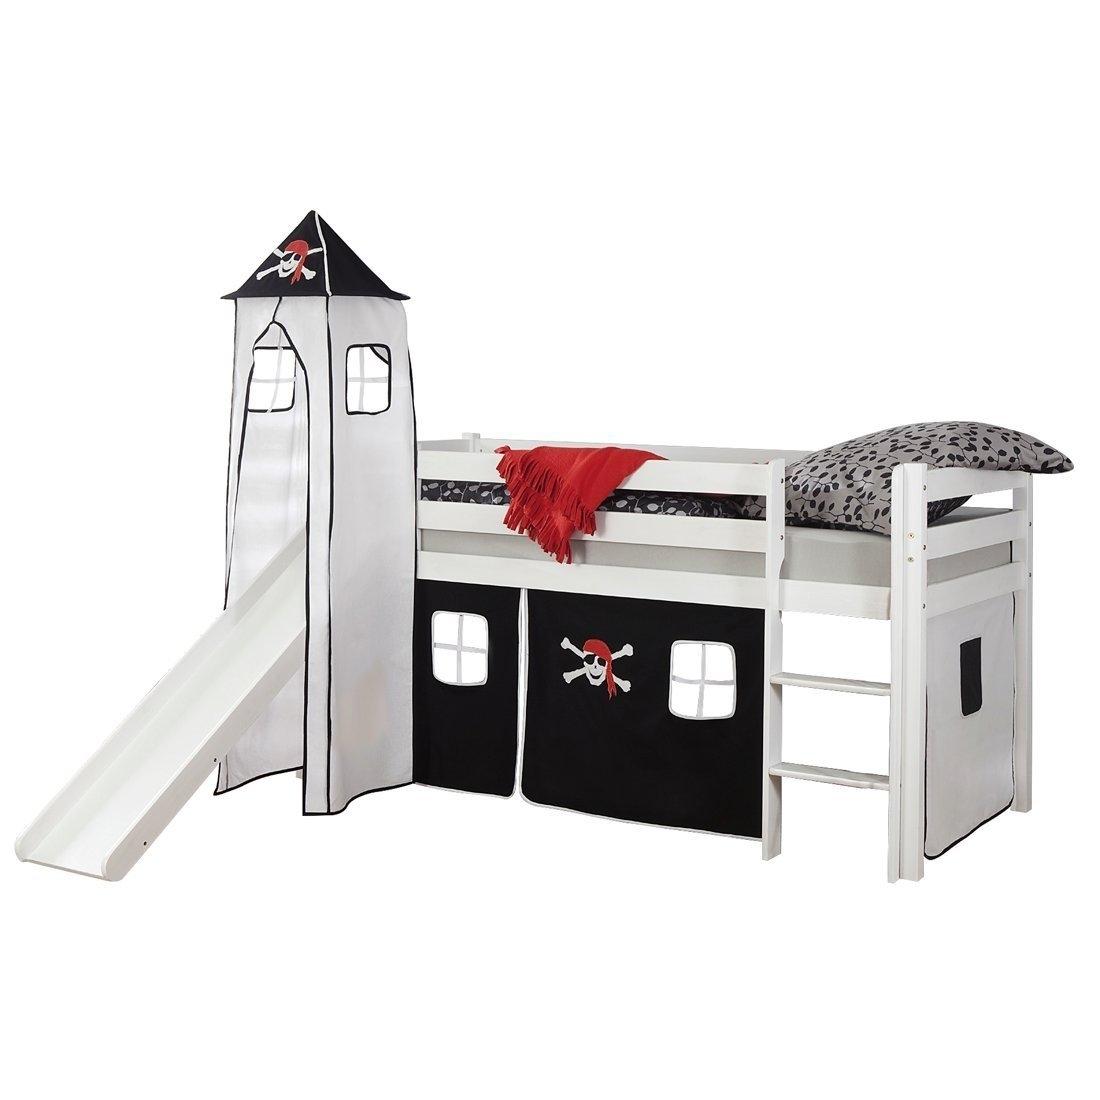 kinder hochbett aruba piratenbett mit turm und rutsche von elfo g nstig bestellen skanm bler. Black Bedroom Furniture Sets. Home Design Ideas